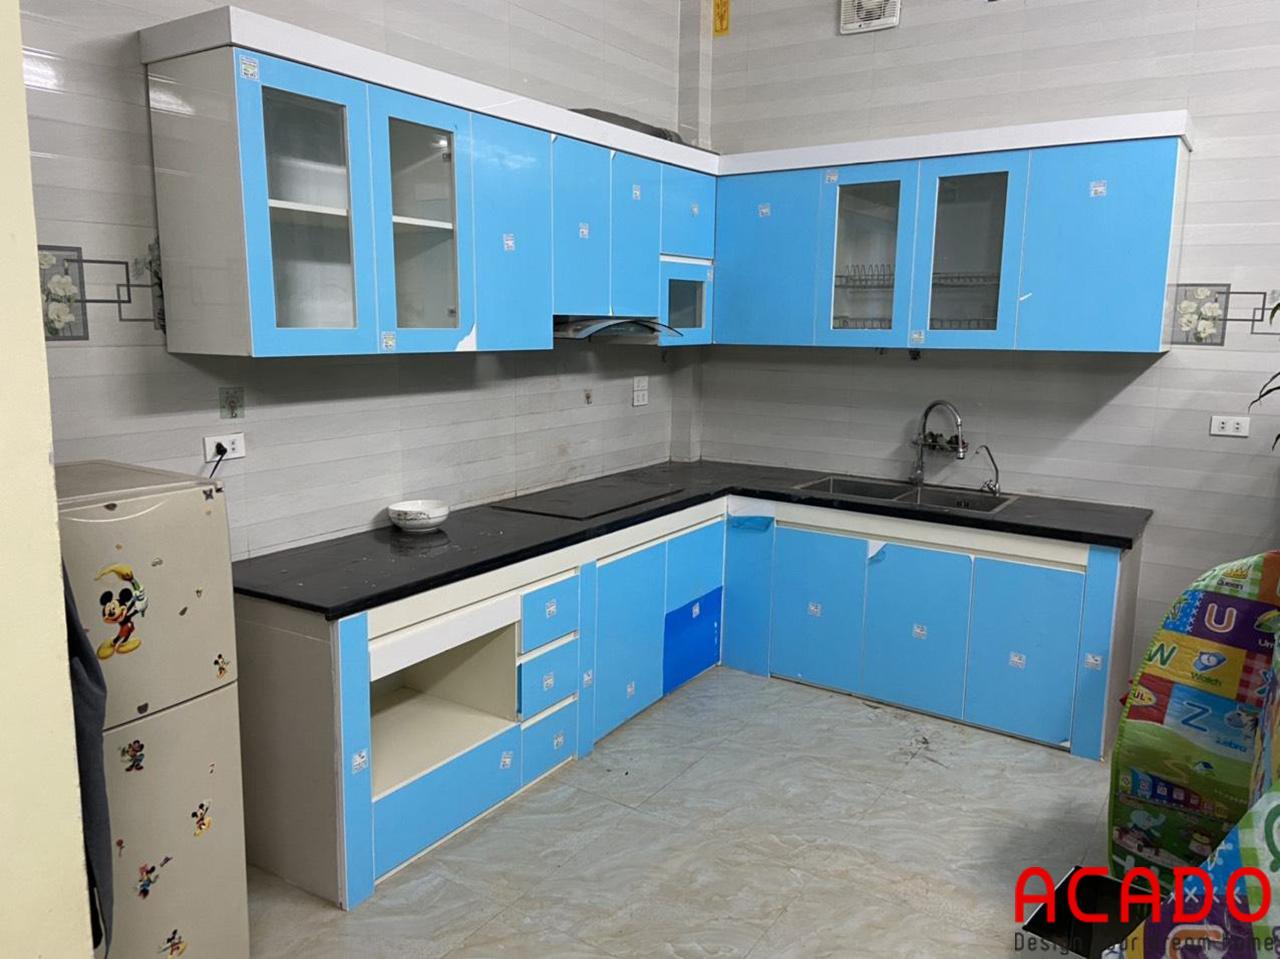 Tủ bếp gia đình anh Triệu đã hoàn thiện - ACADO làm tủ bếp tại Kiến Hưng